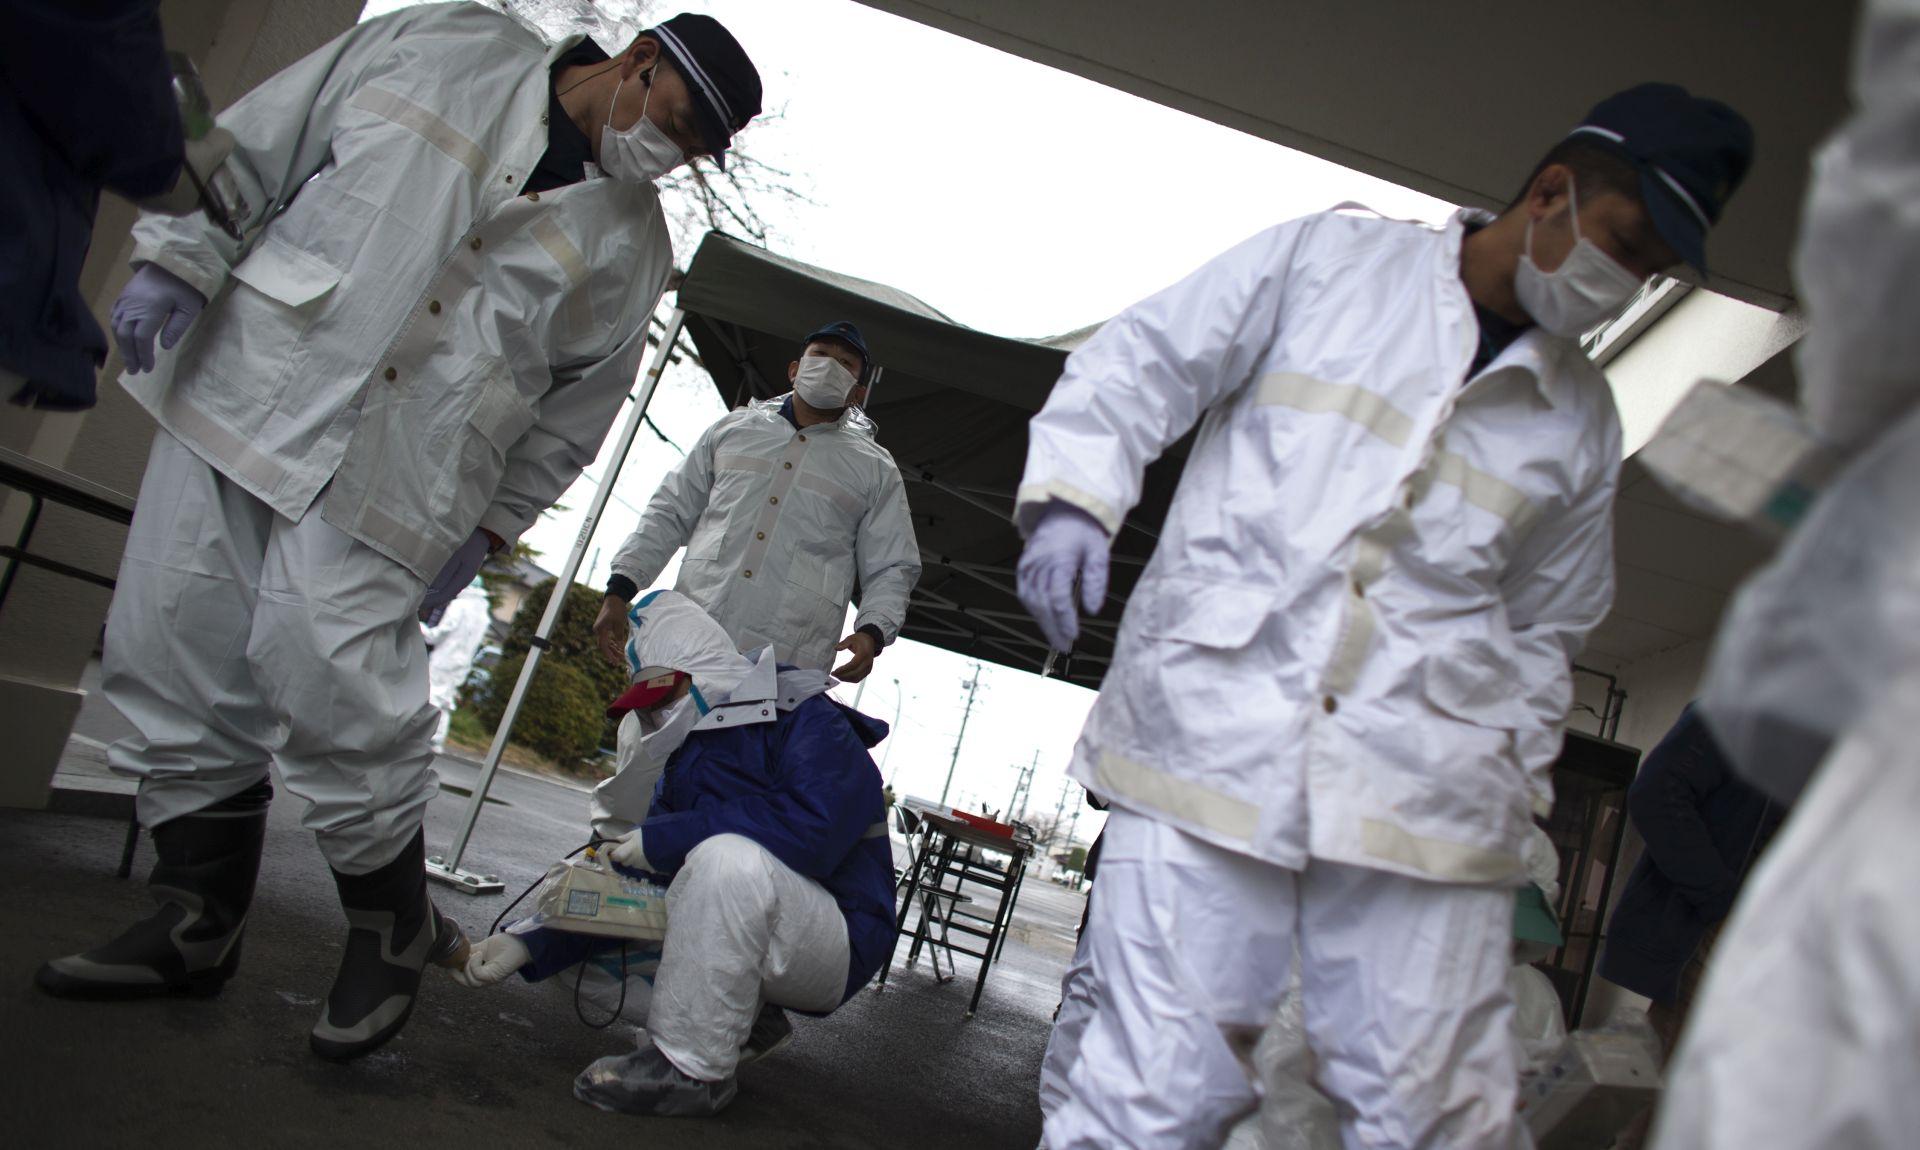 RAZINA RADIJACIJE NA PRIHVATLJIVOJ RAZINI Gradiću kraj Fukushime ukinuta evakucija nakon 4 godine